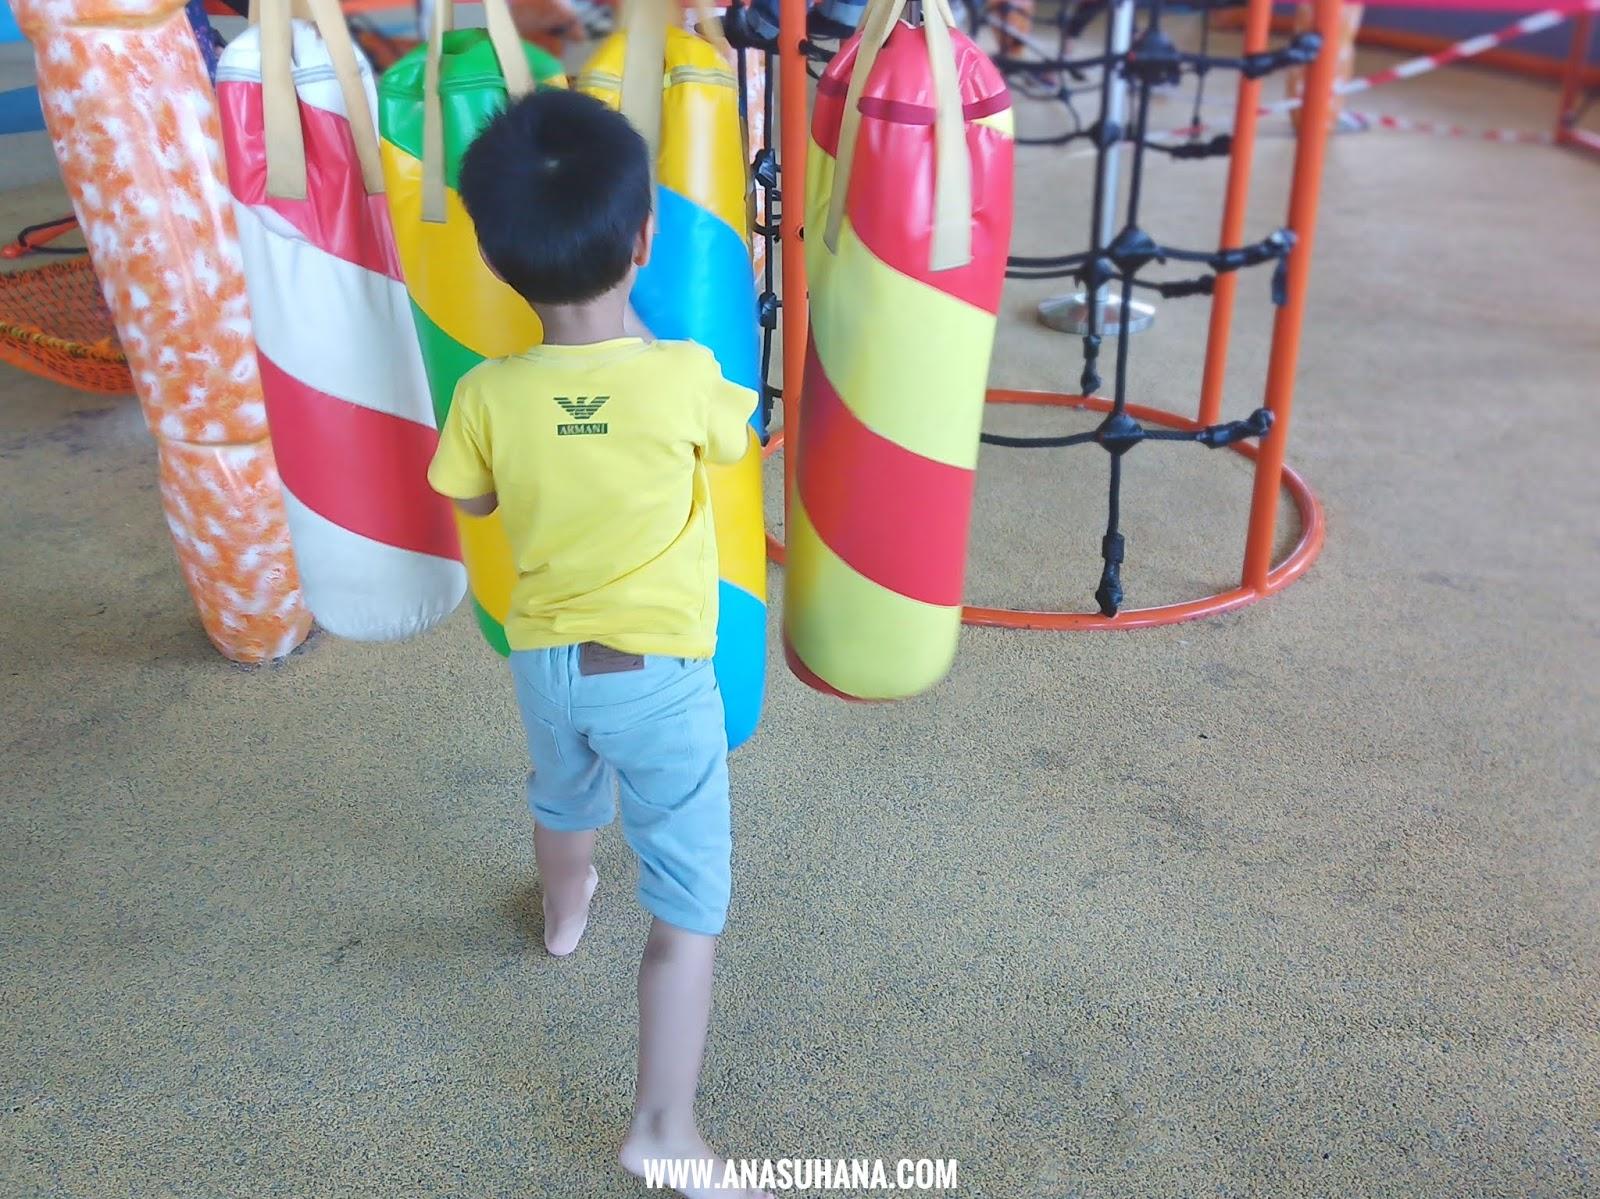 Kebaikan Bersukan Untuk Kanak-kanak